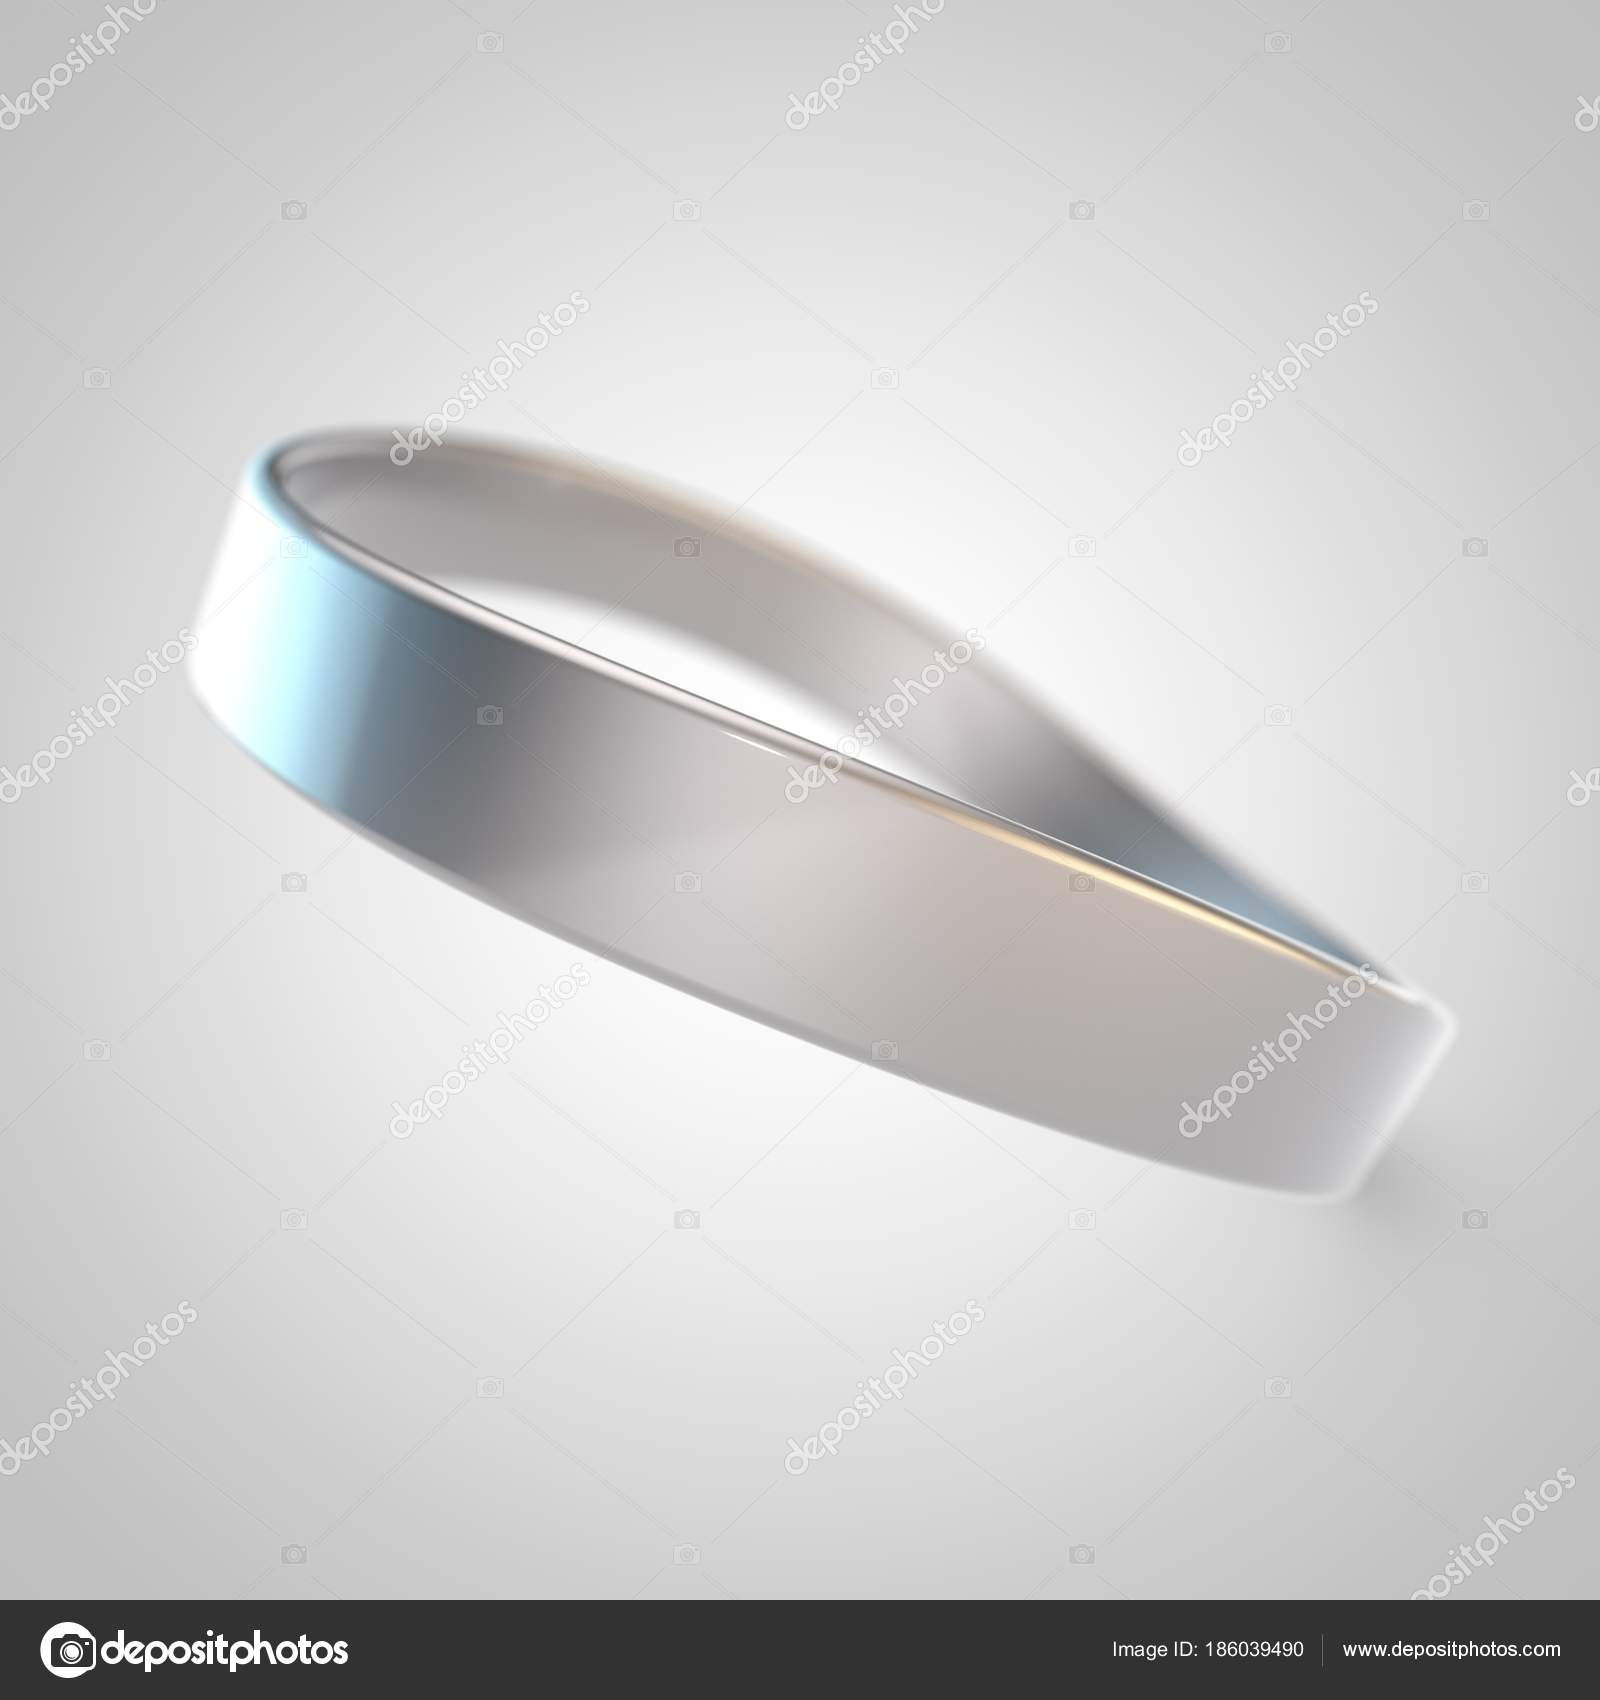 1b6a957da Bílý Silikonový Náramek Pro Ruku Izolovaných Bílém Pozadí– stock obrázky